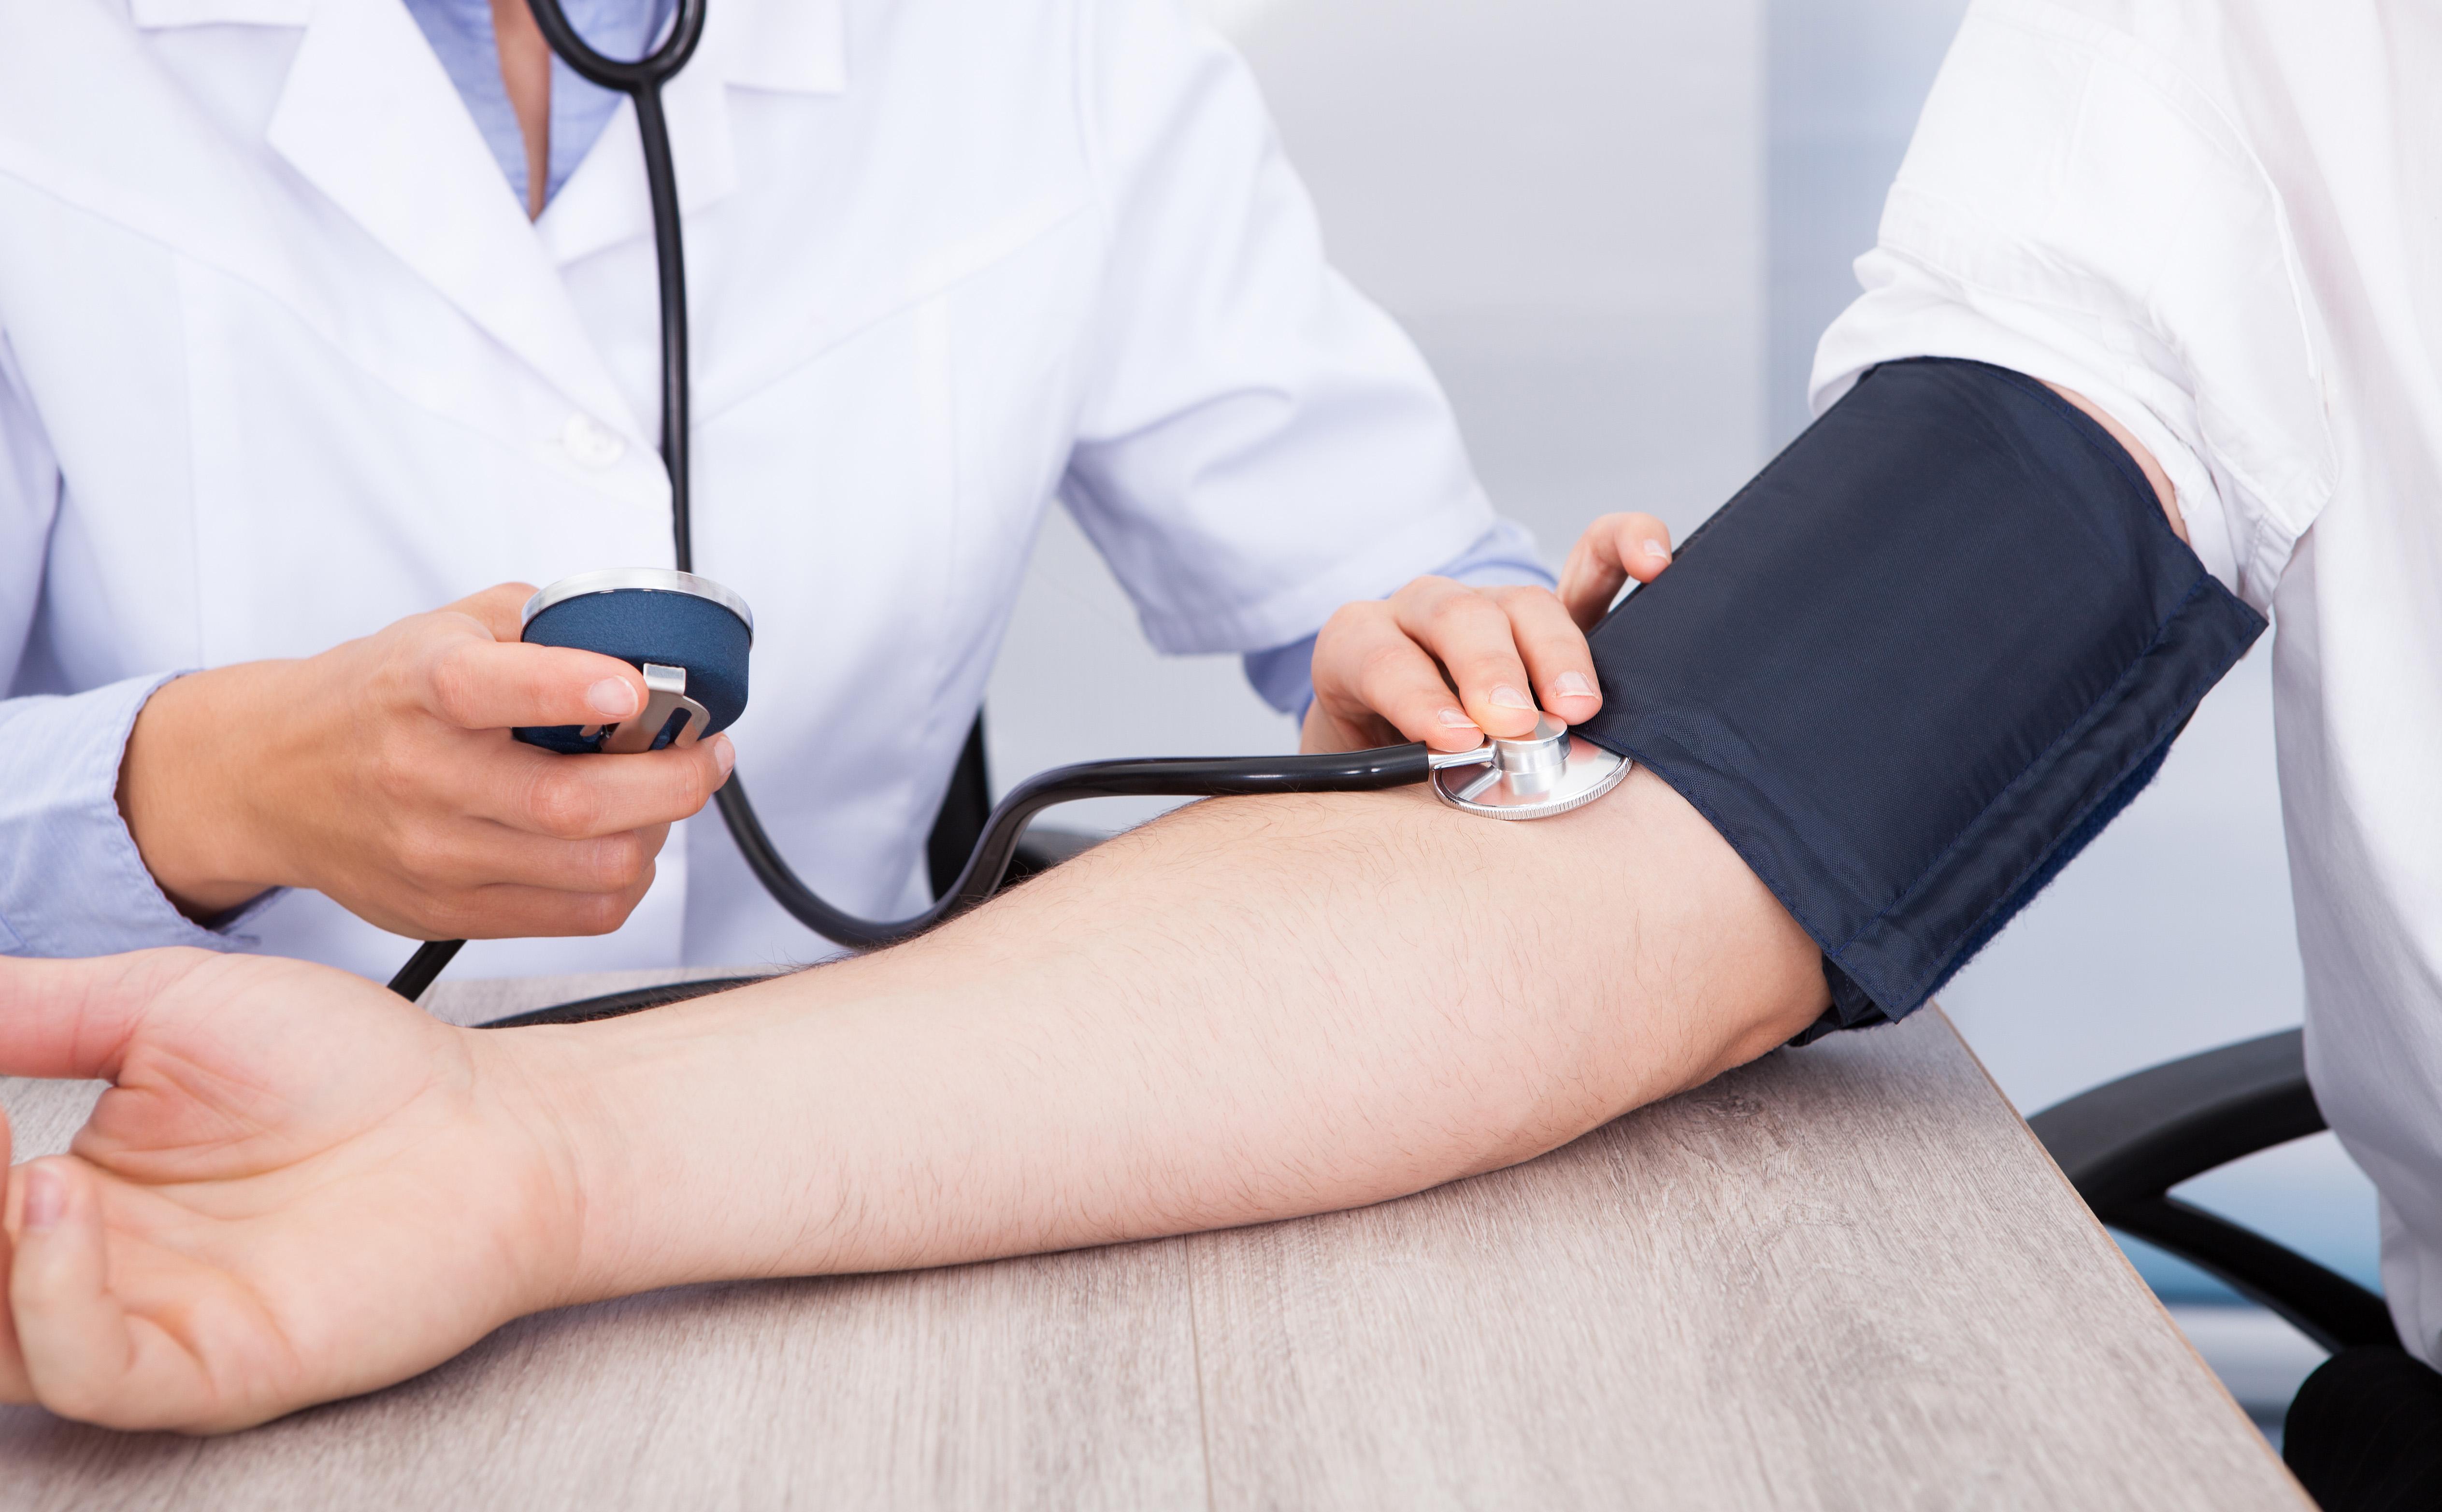 hogyan kell kezelni az örökletes magas vérnyomást